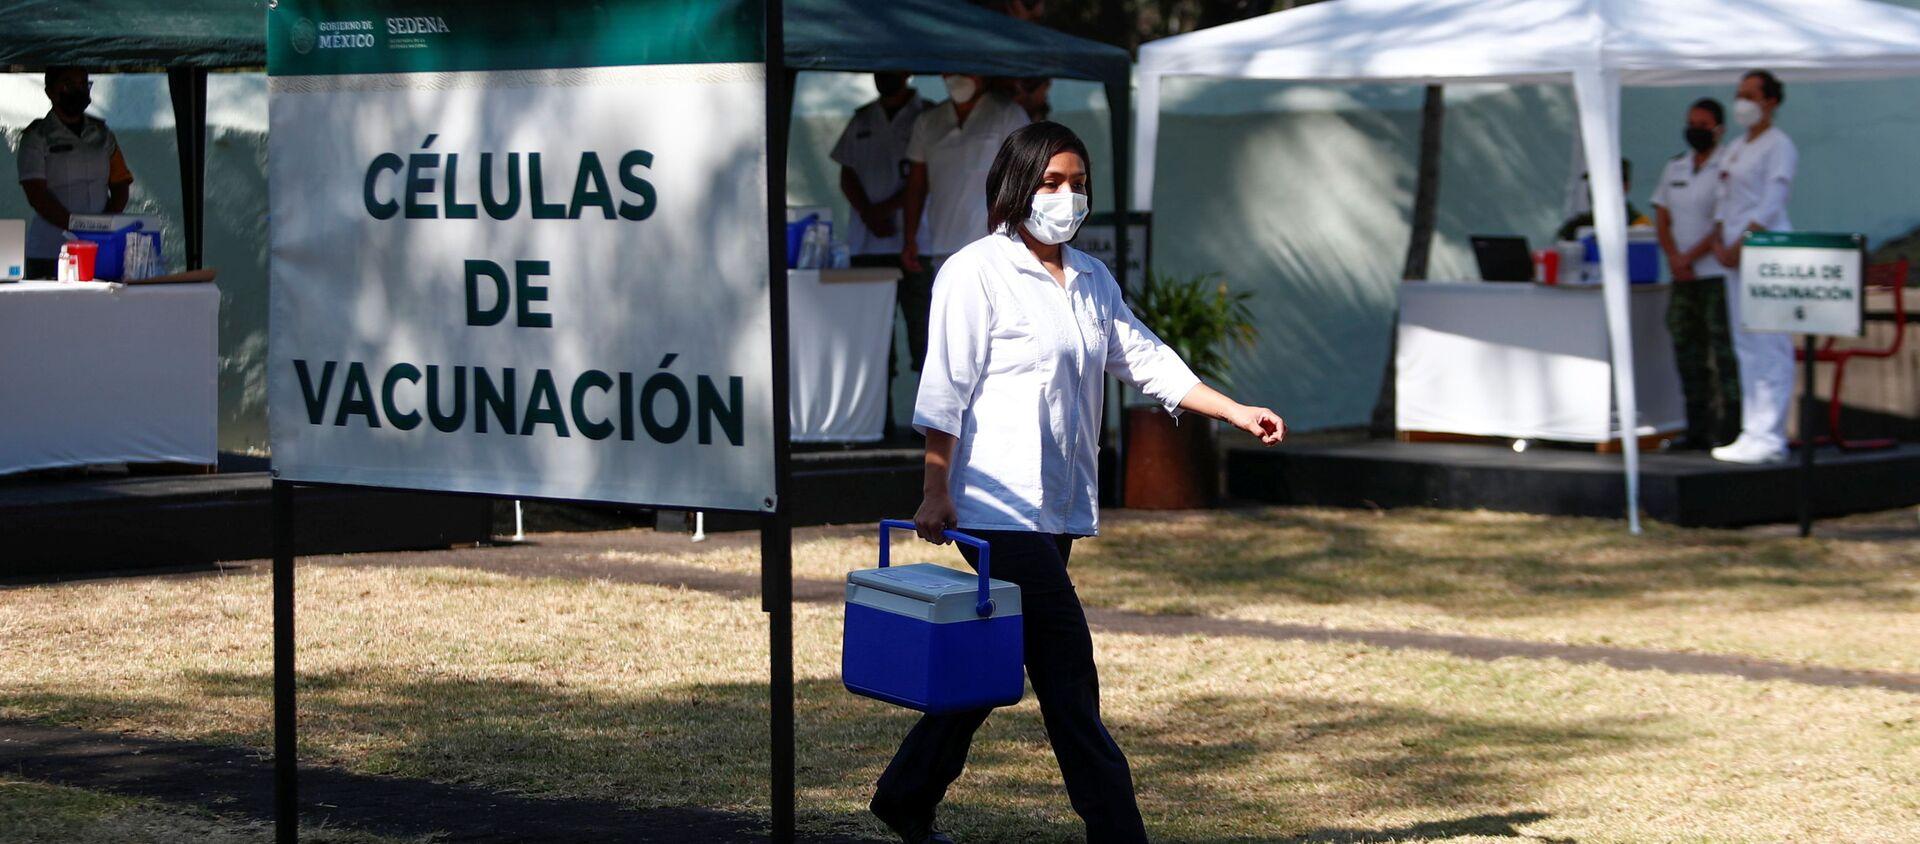 Preparación para la vacunación en México - Sputnik Mundo, 1920, 14.01.2021